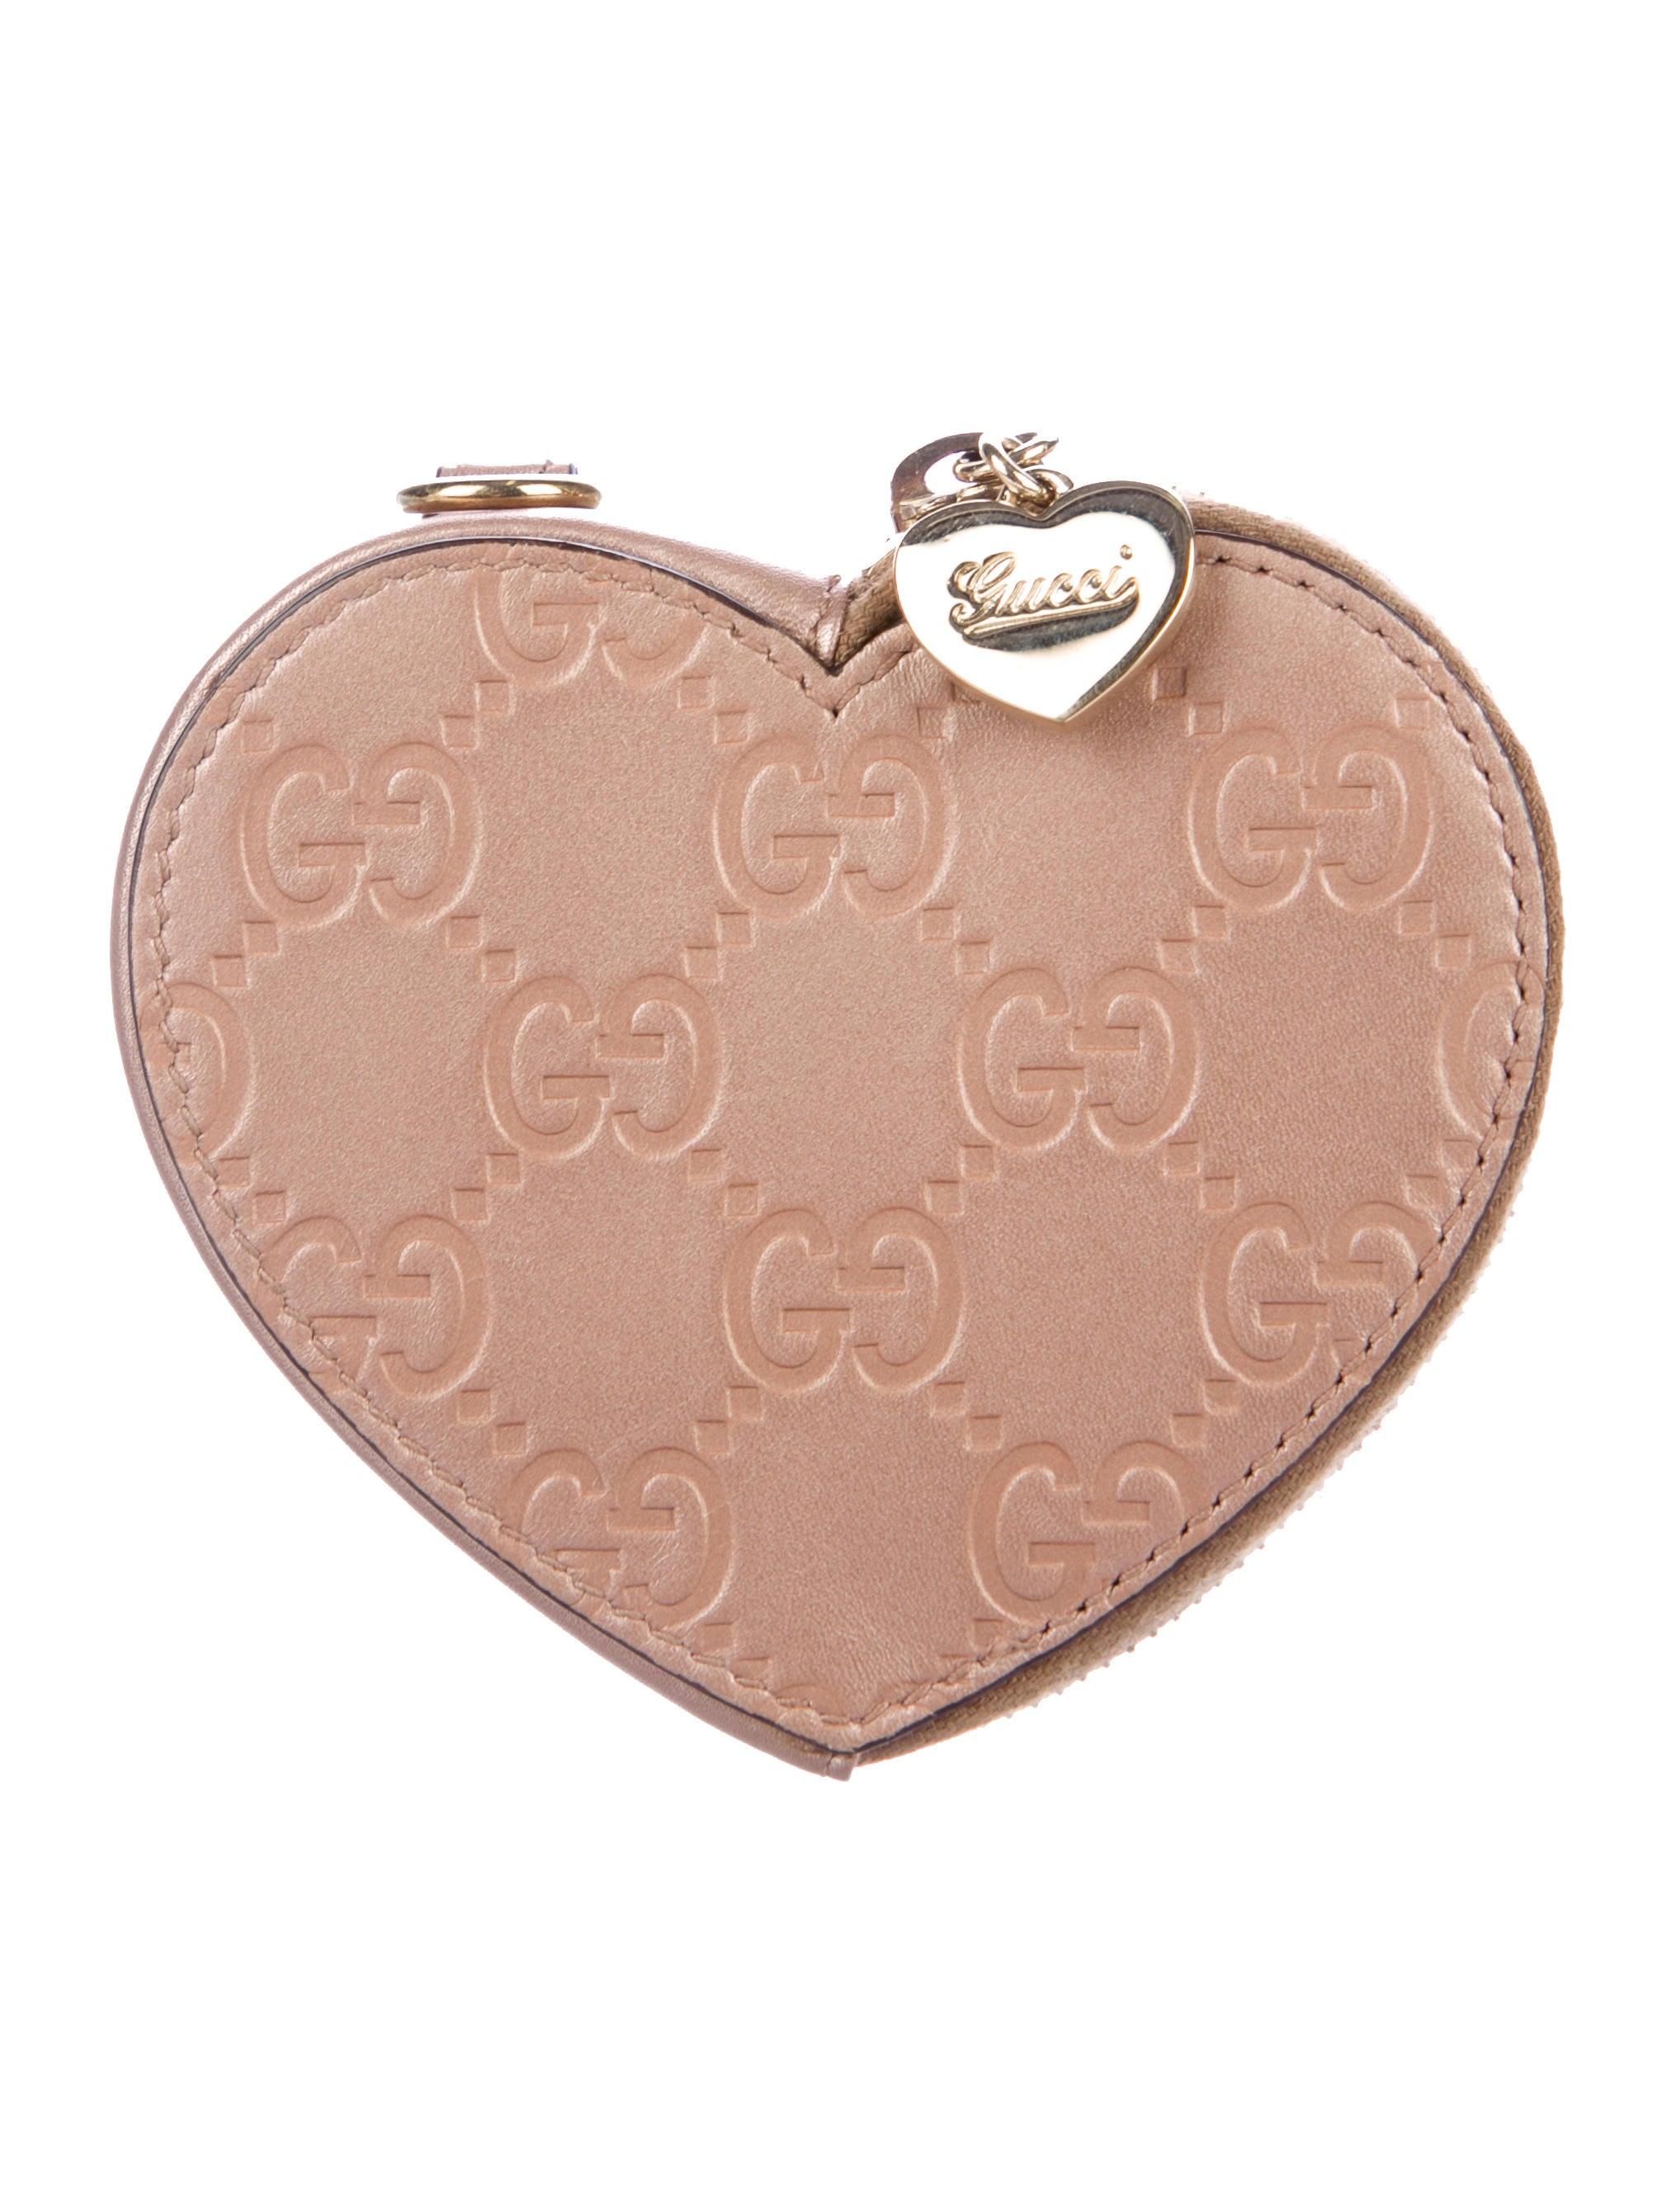 cd58a3b0c6a Gucci Guccissima Heart Coin Pouch - Accessories - GUC187813